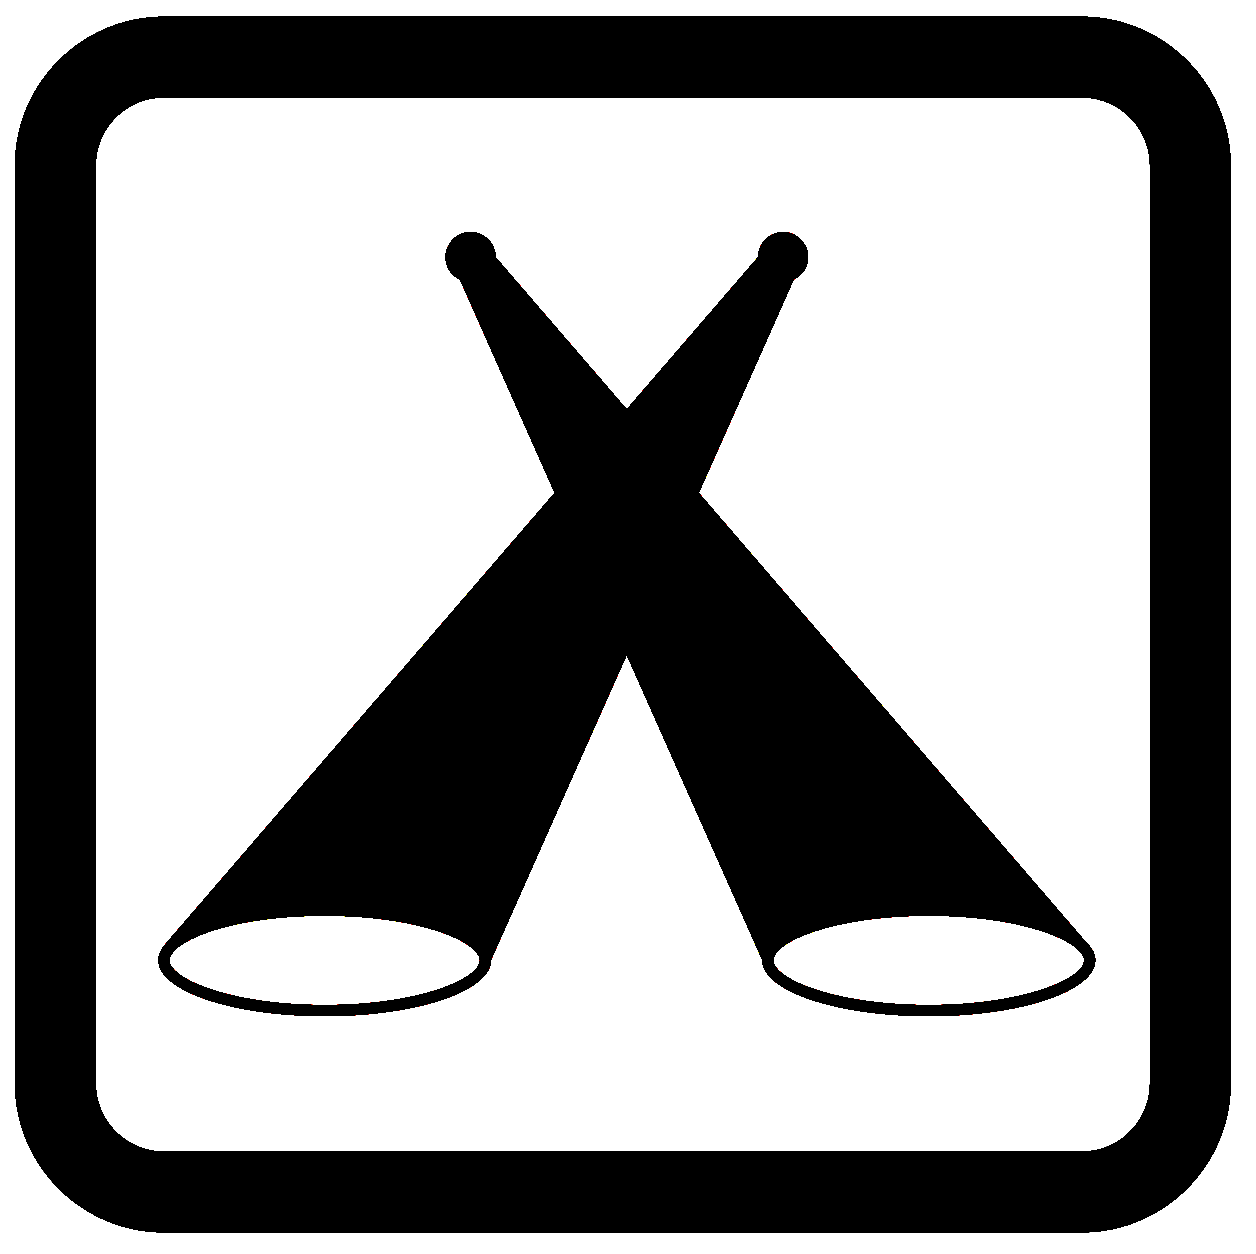 Symbol Lichttechnik, Lichtverleih, Lichtvermietung, Buehnenlicht